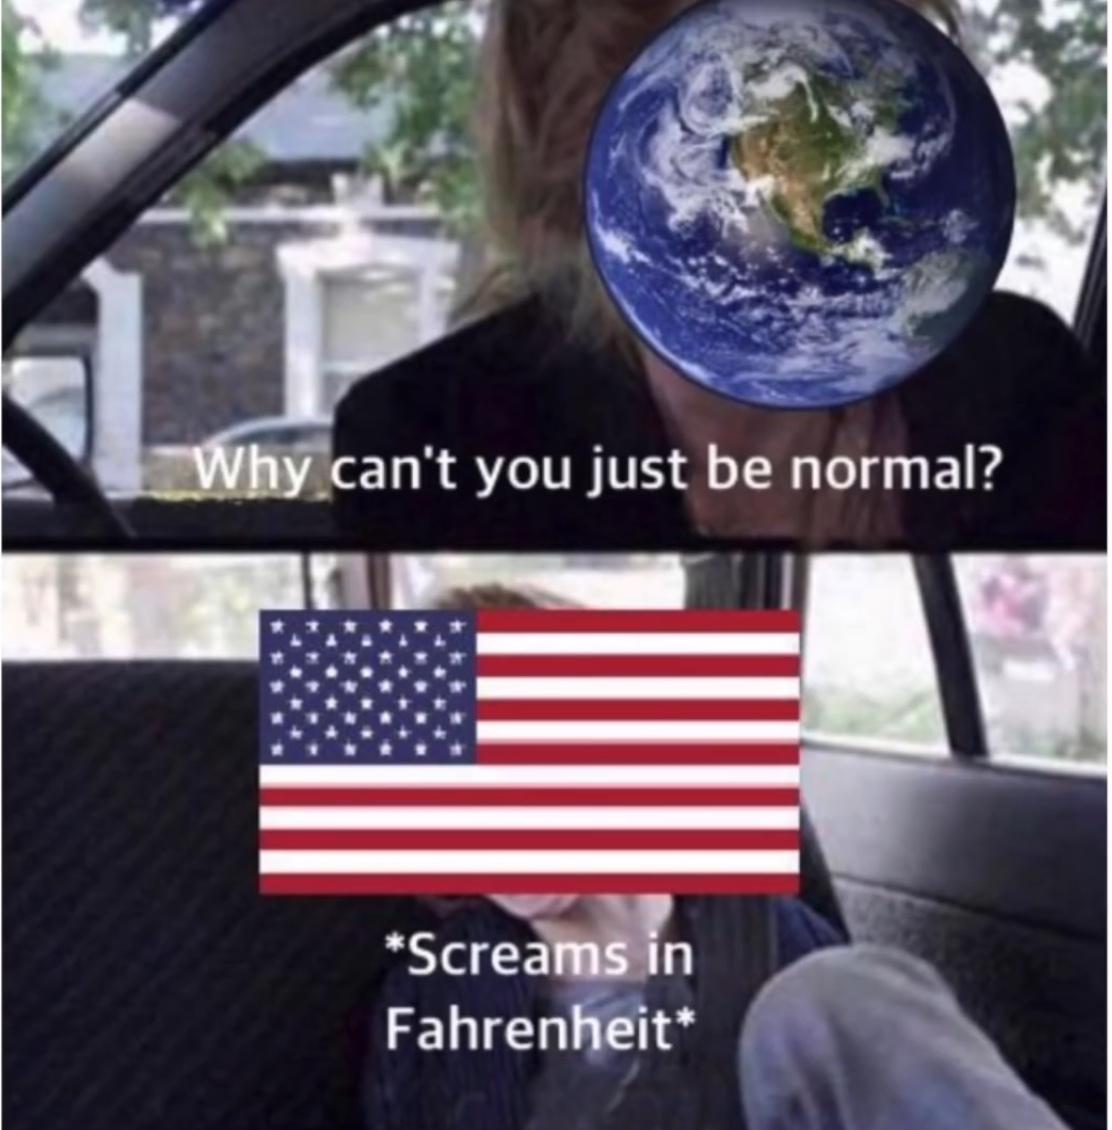 50°F here - meme